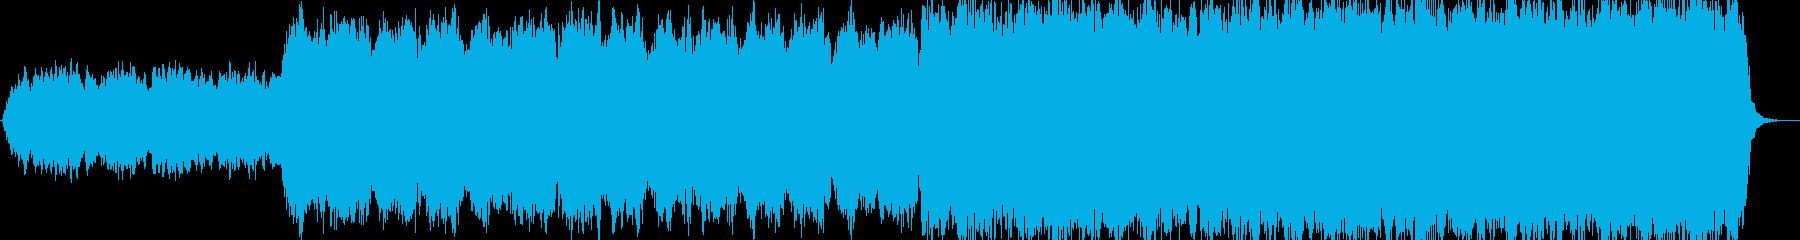 サウンドトラックの大気と神秘的な音楽。の再生済みの波形